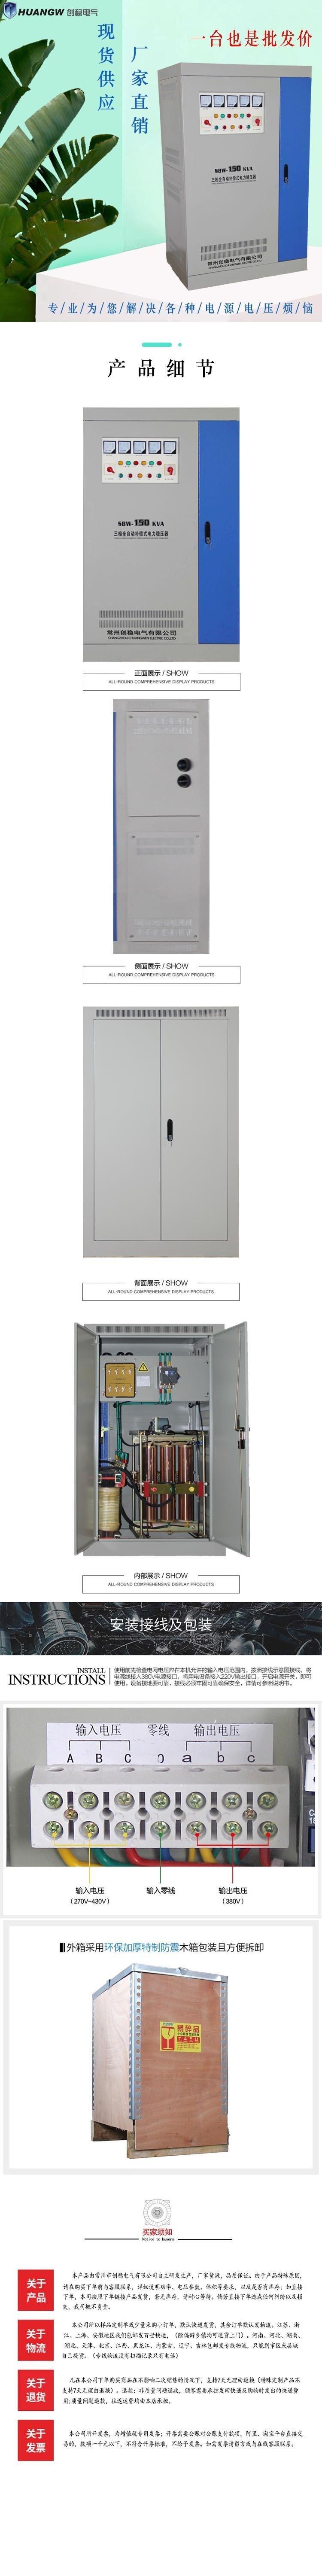 150-SBW大功率电力稳压器11